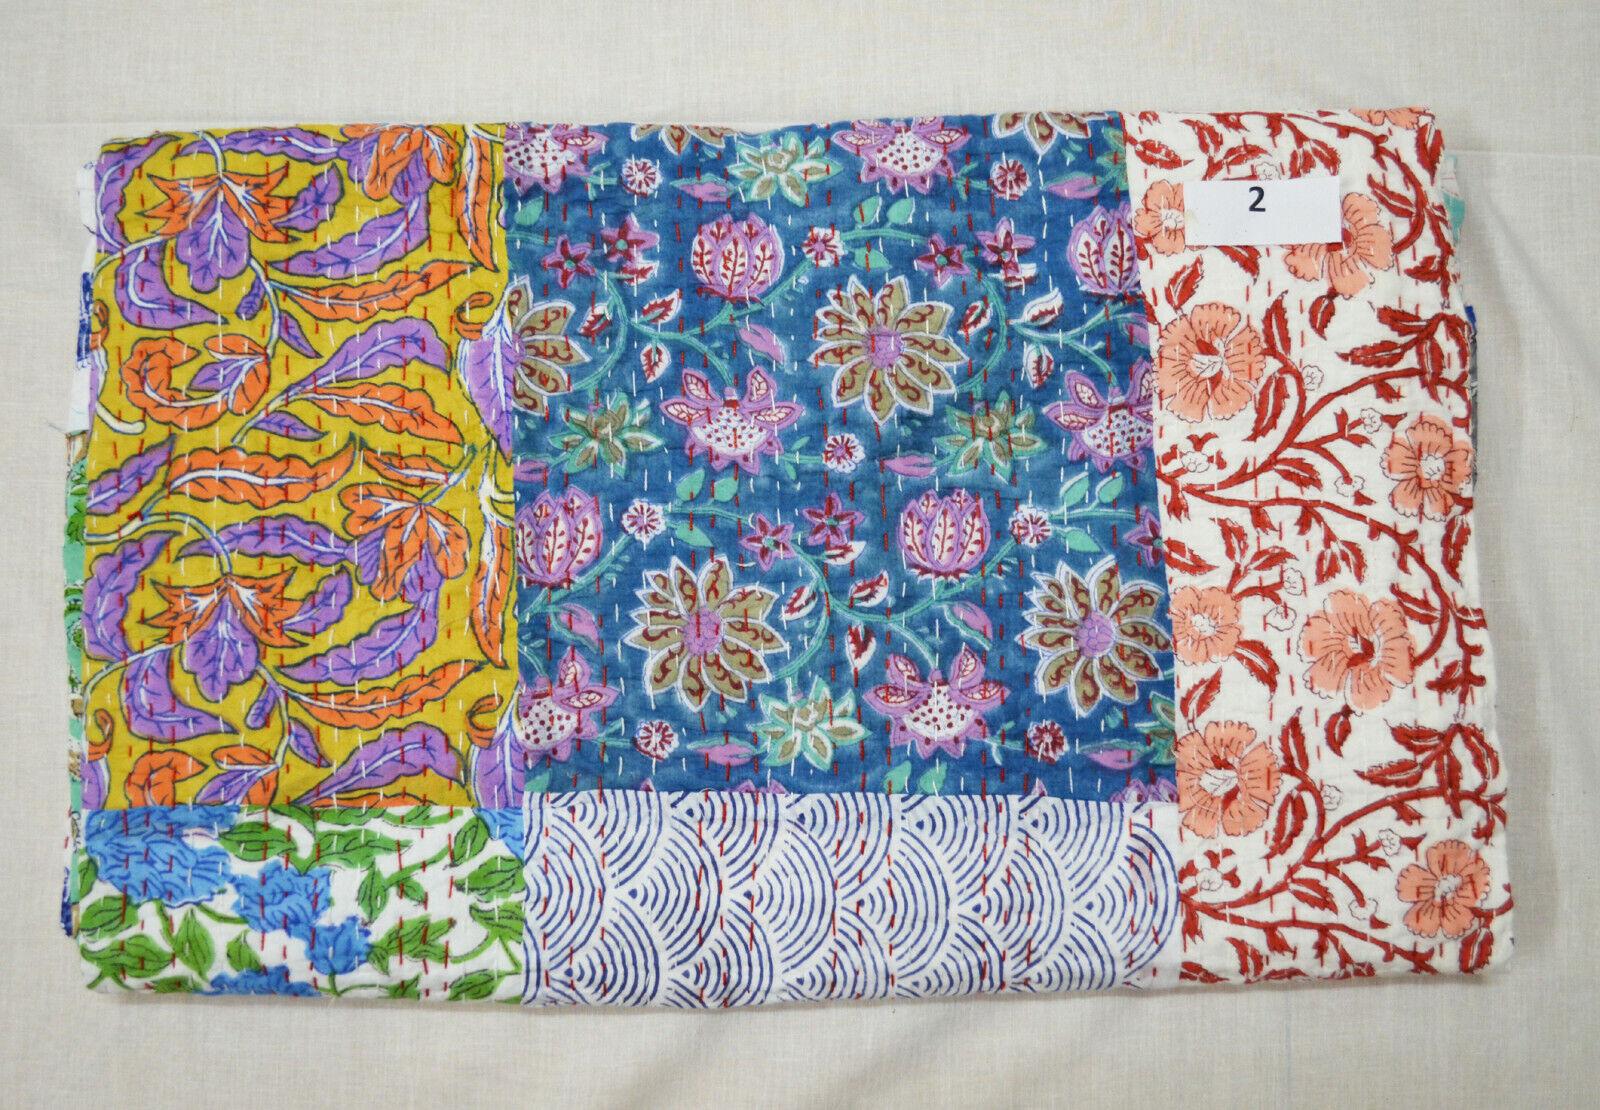 Indian Cotton Bedspread Blanket Kantha Quilt Assorted Patchwork Coverlet Bedding